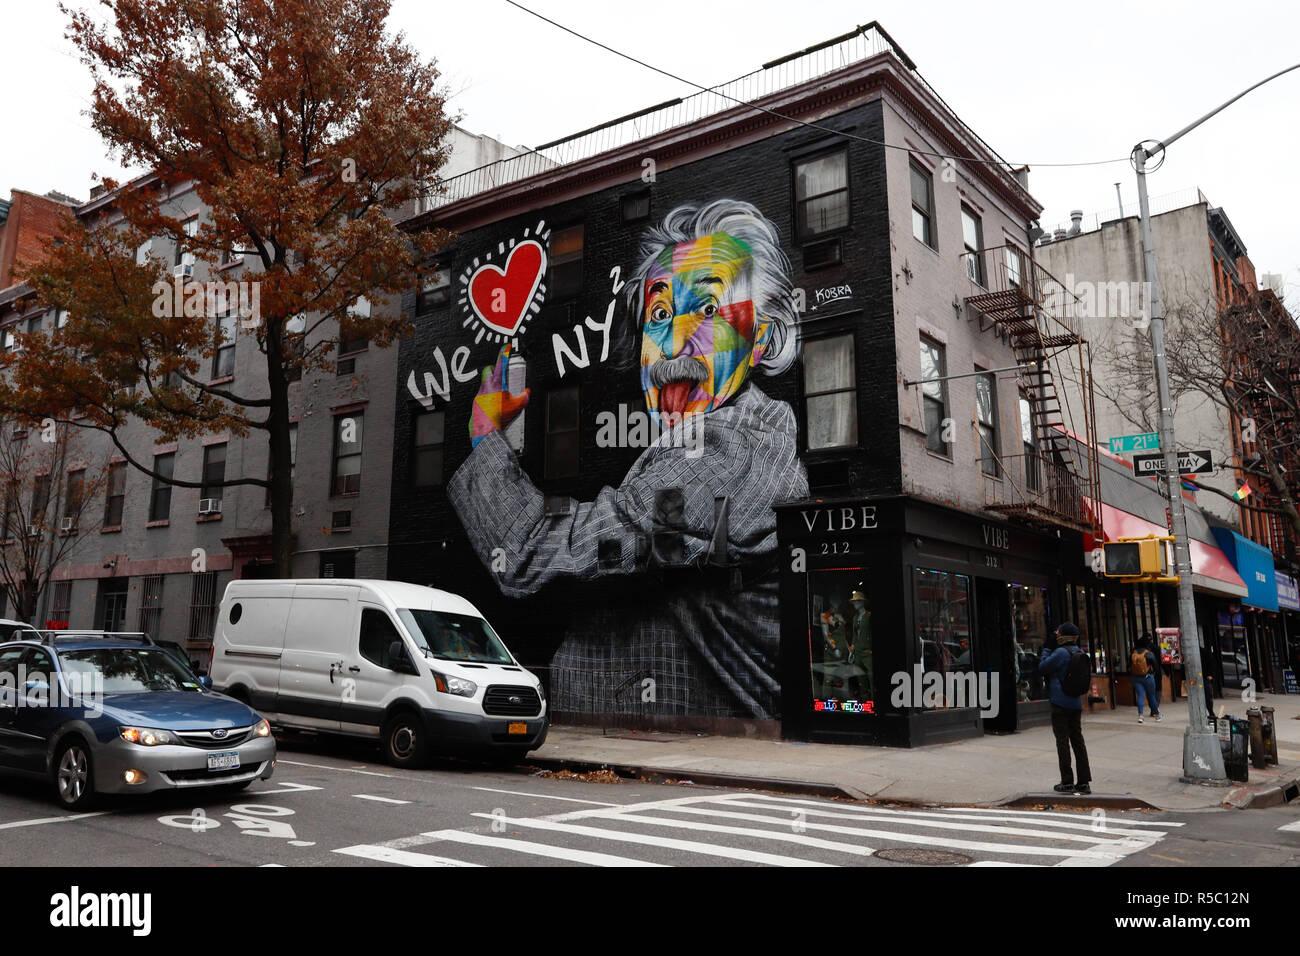 new york, oficiálně city of new york, v běžném užívání i new york city, je nejlidnatější město spojených států amerických.nachází se v jižním výběžku státu new york, při ústí řeky hudson do atlantského oceánu.je centrem metropolitní oblasti, která zasahuje i do sousedních států a která patří mezi nejlidnatější na světě. Mural Of We Love New York With Albert Einstein S Portrait Is Seen In Manhattan New York Artwork By Brazilian Muralist Eduardo Kobra Photo Vanessa C Stock Photo Alamy